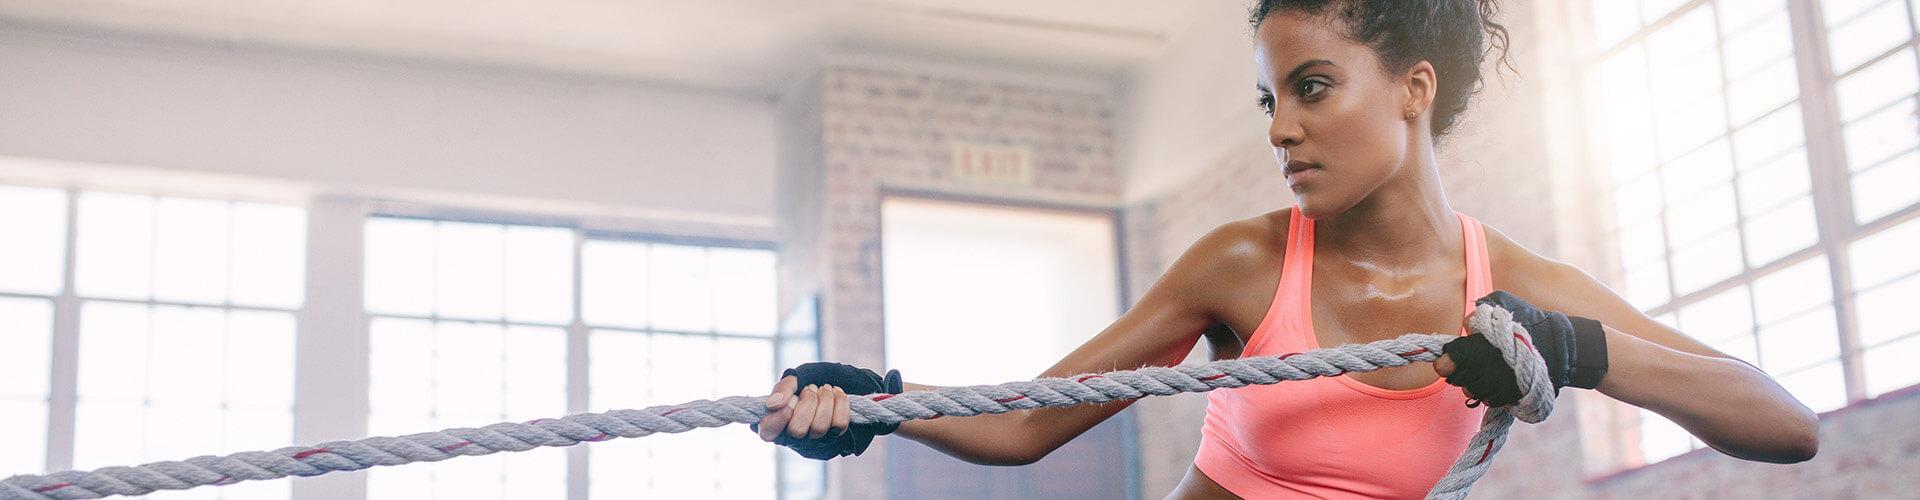 Diät zur Definition der weiblichen Muskulatur